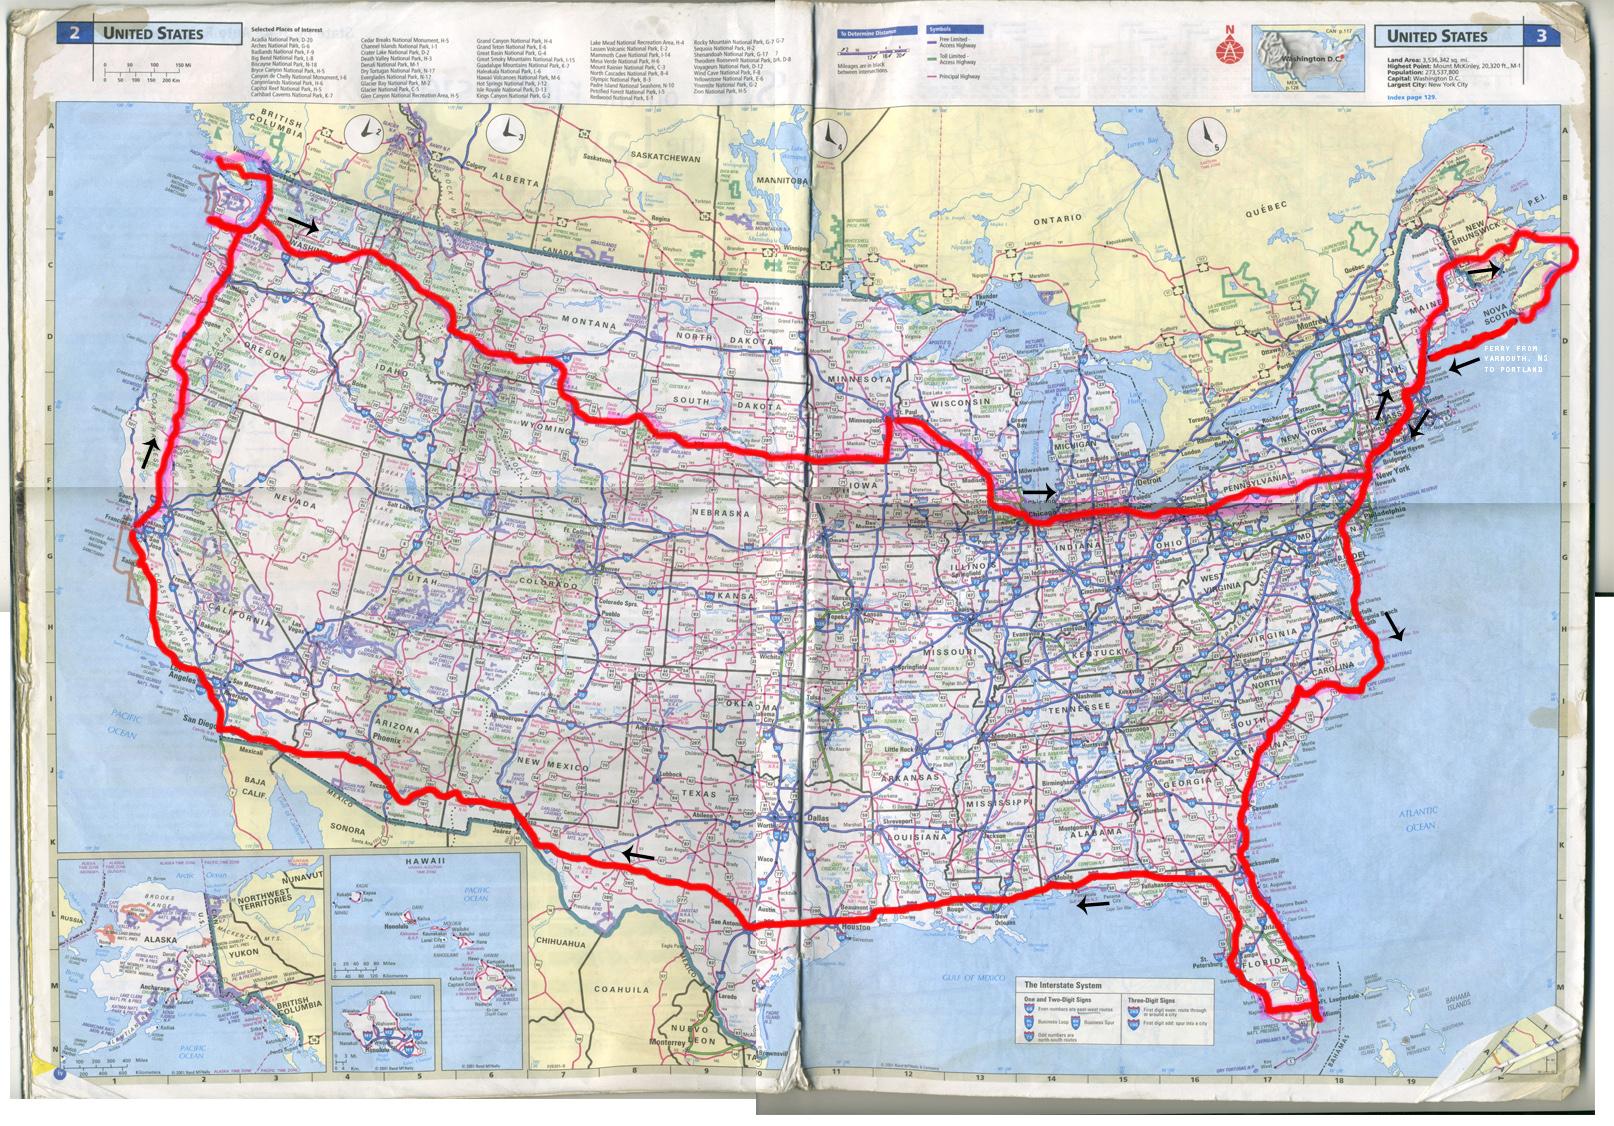 us-road-maplores.jpg